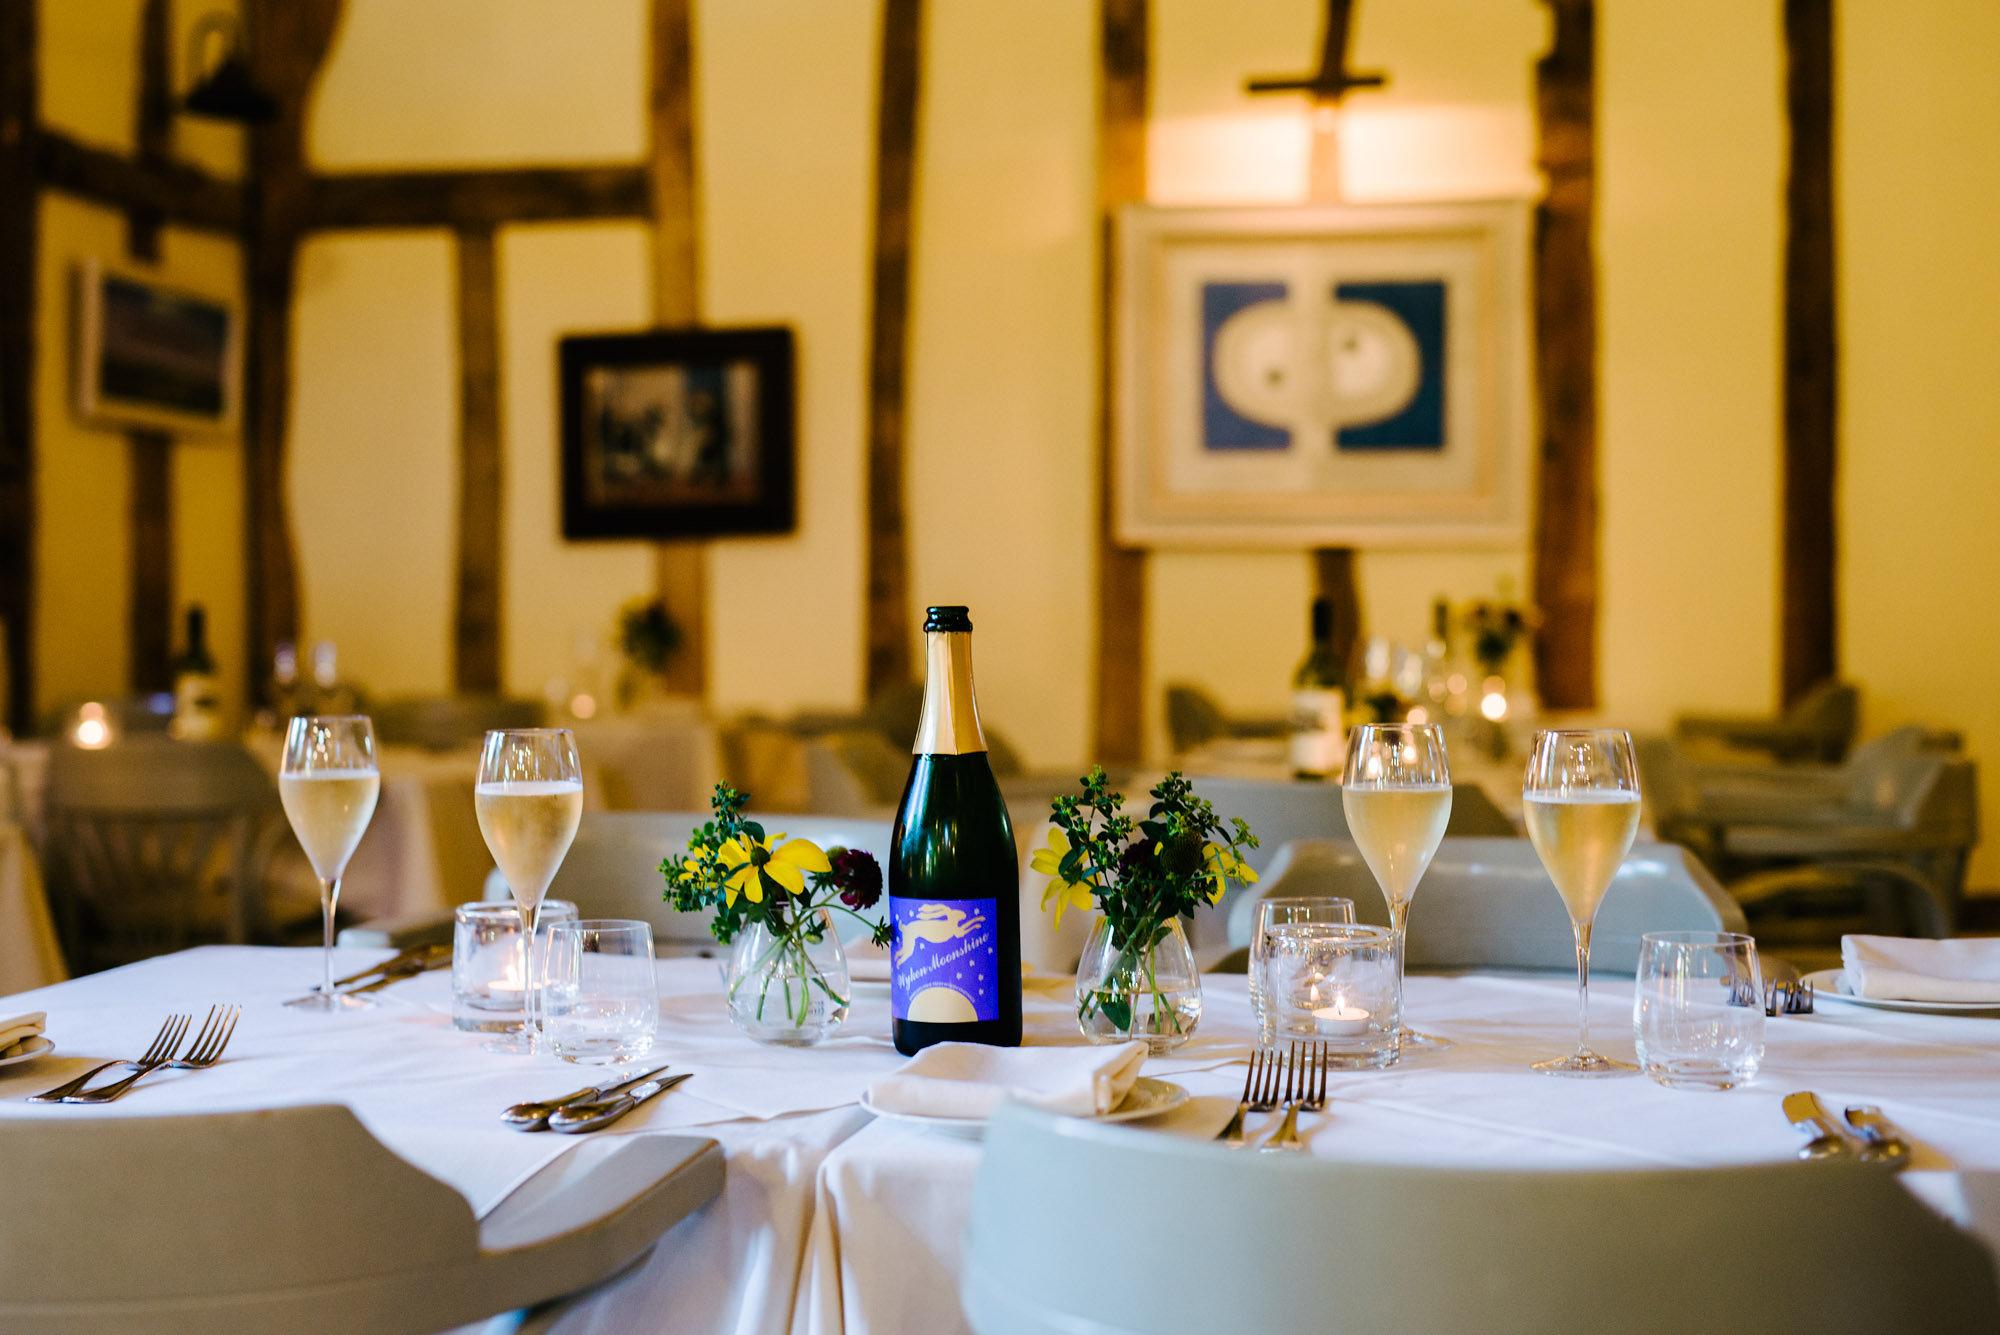 Leaping Hare Vineyard Restaurant